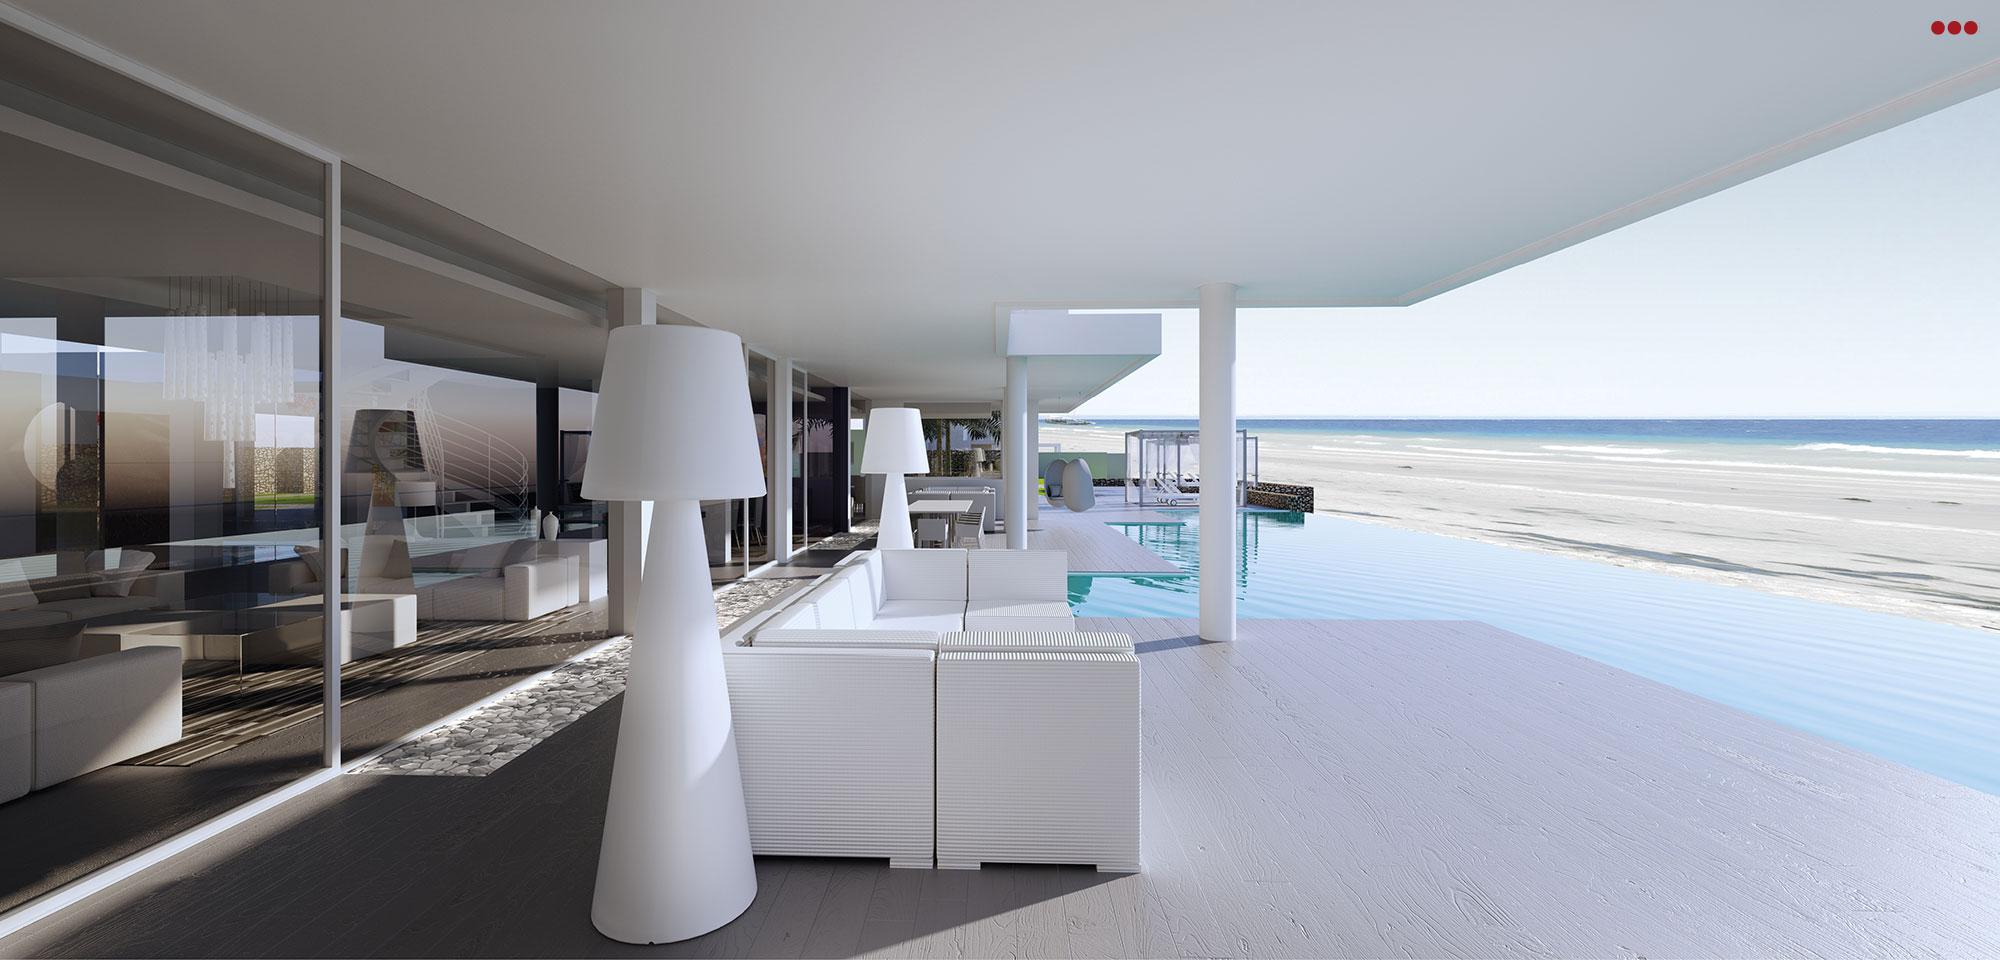 3D Studio Bartolini Villa Pemba progettazione rendering architettura grafica 11